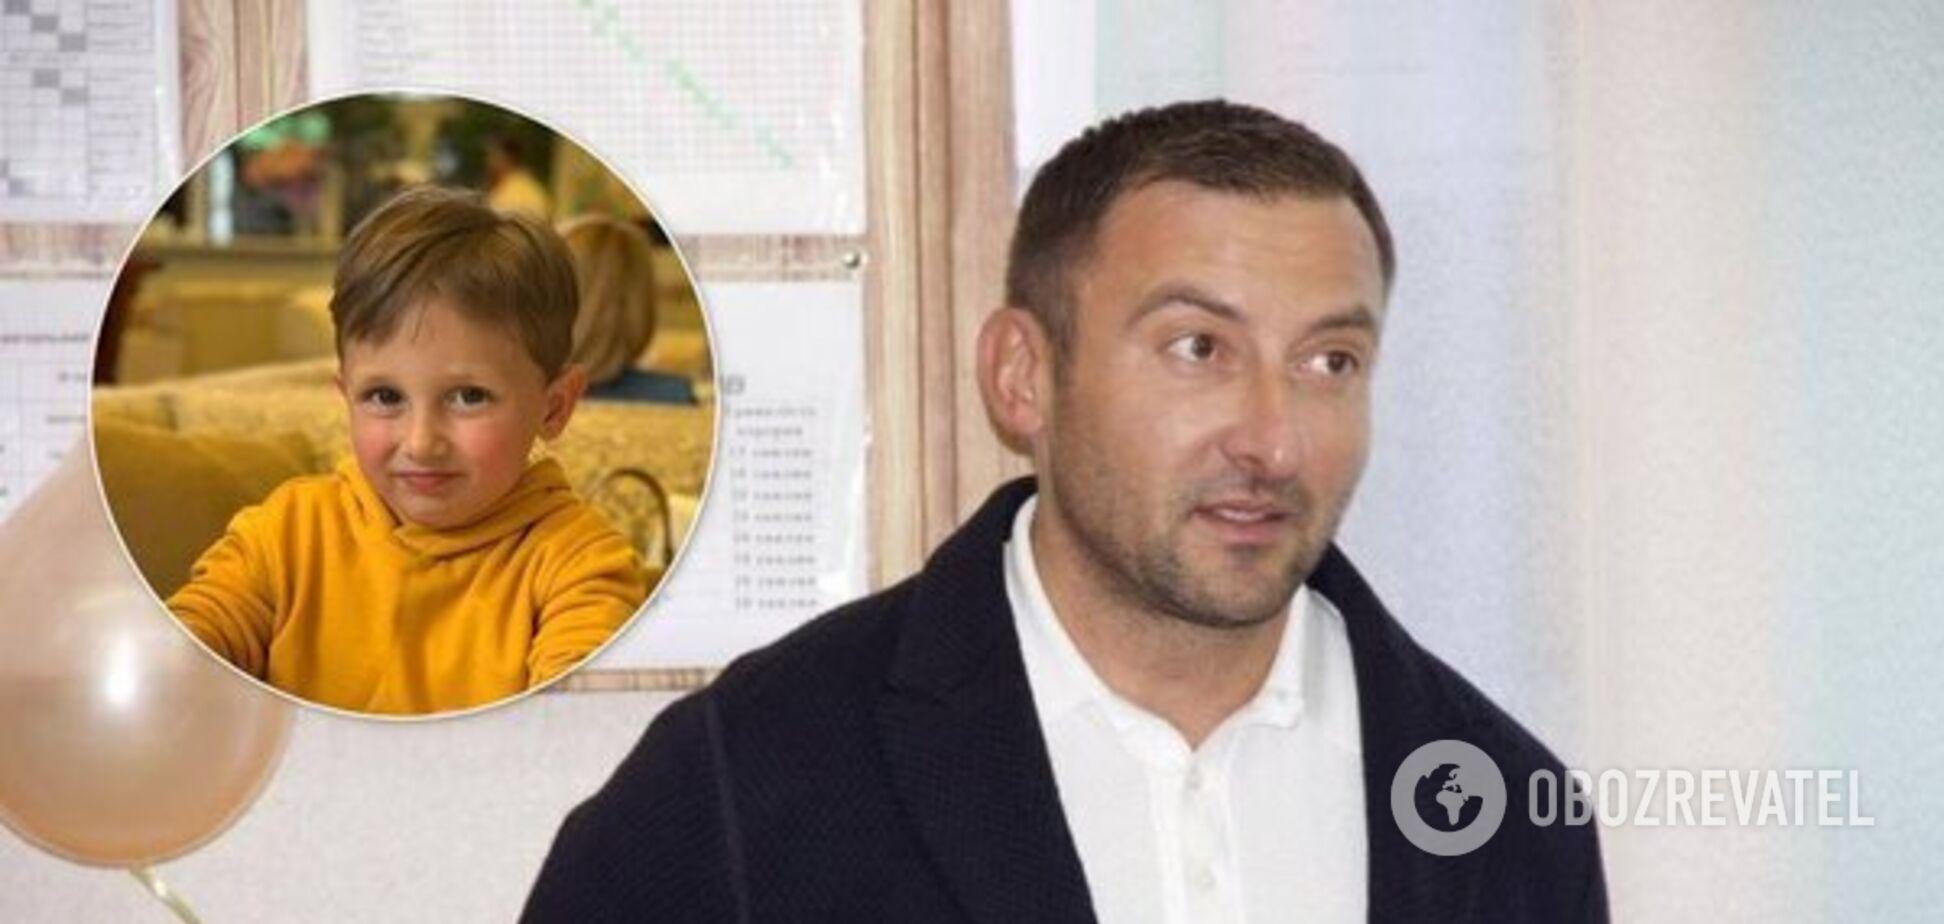 Убивство 3-річного сина депутата Соболєва: у генпрокурора виконали прохання батька